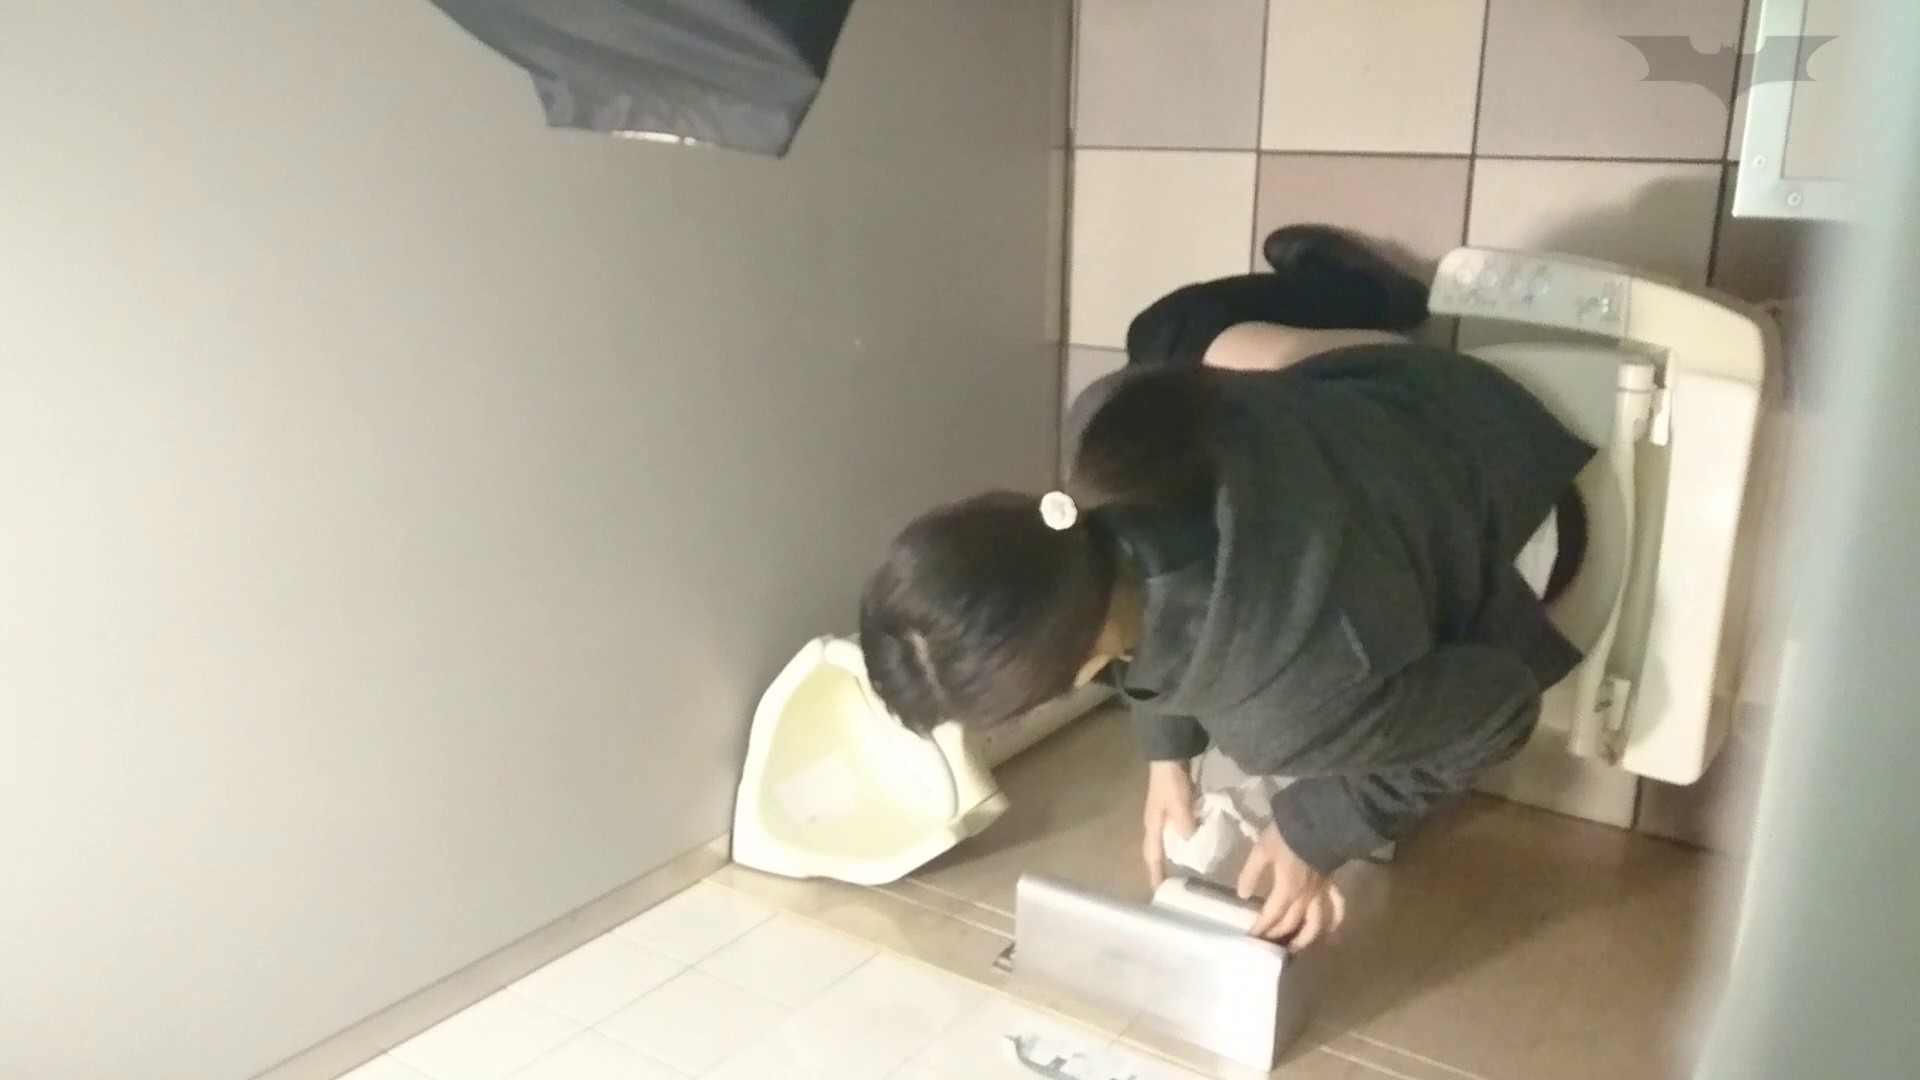 化粧室絵巻 ショッピングモール編 VOL.08 OLハメ撮り  77Pix 66